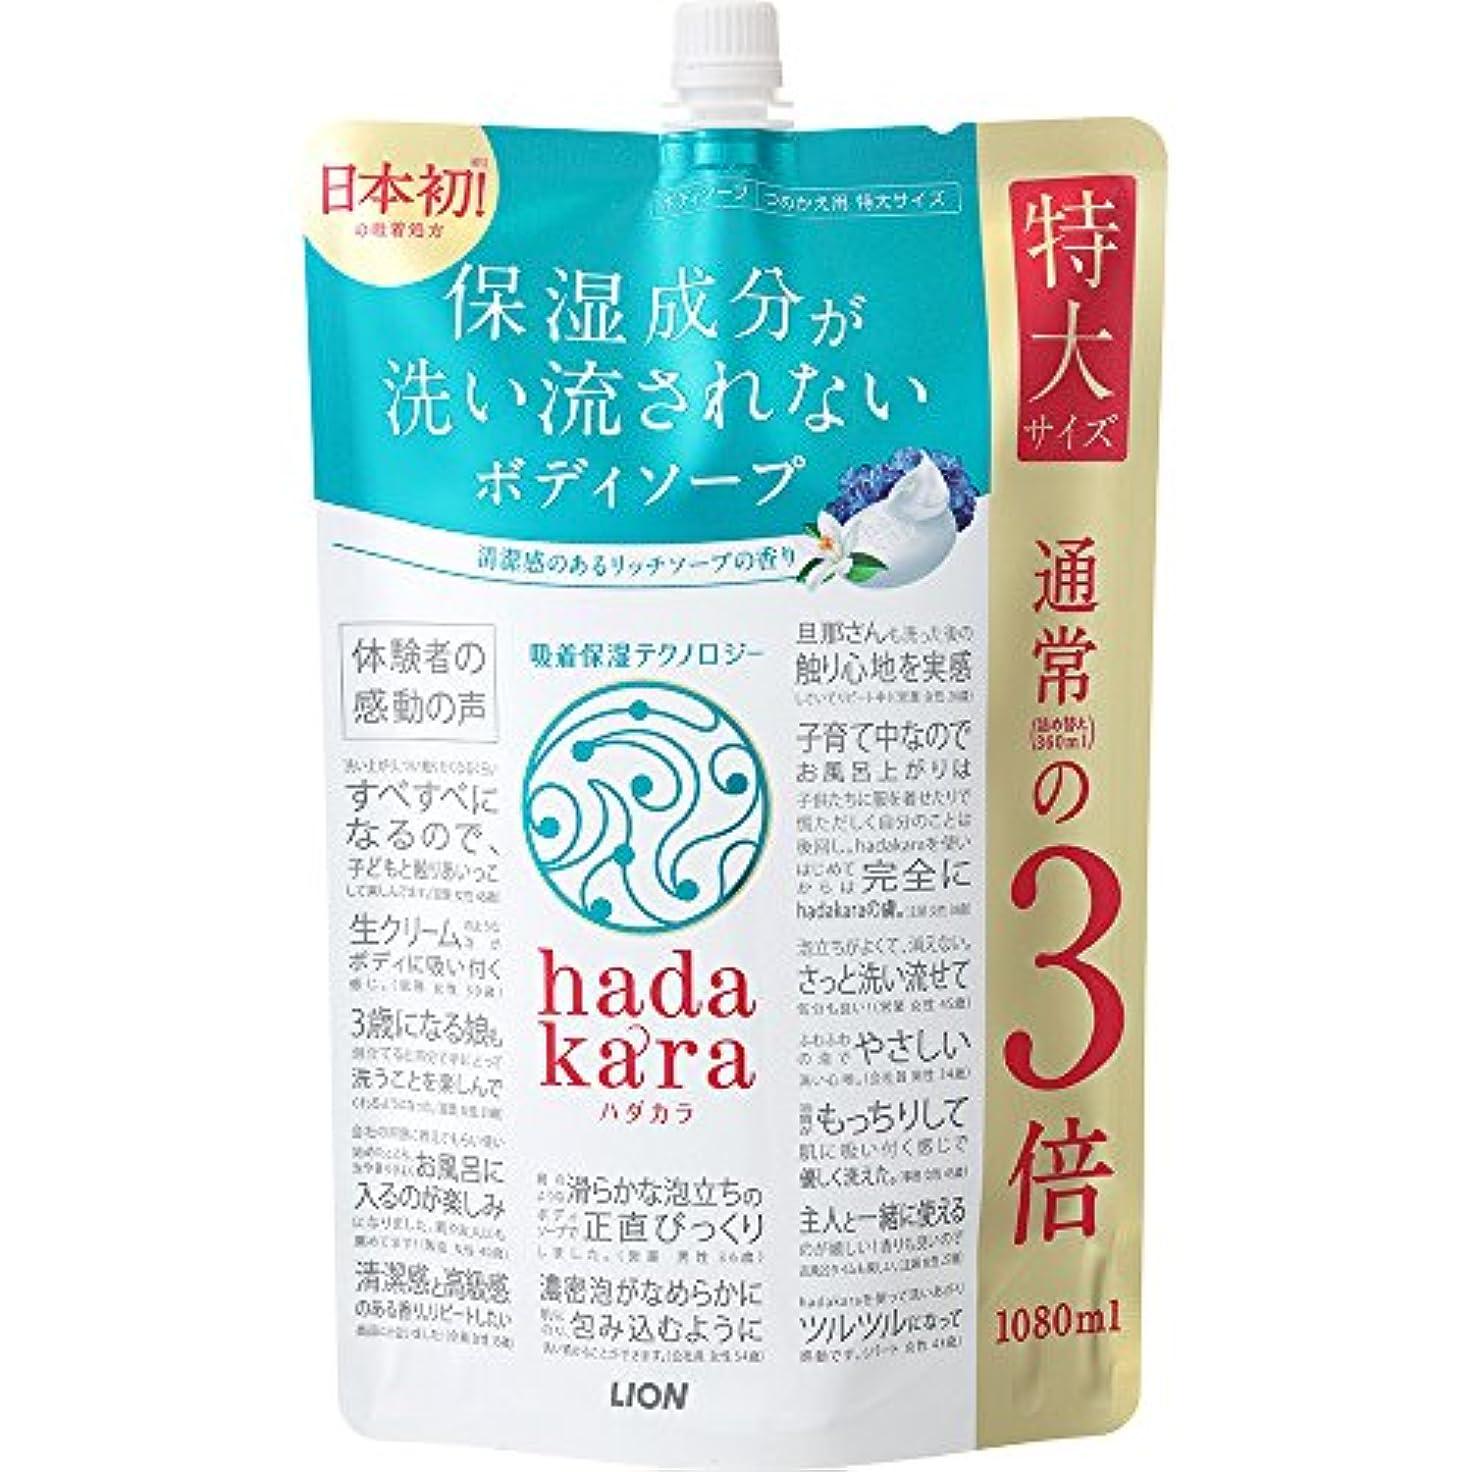 高原許す松明【大容量】hadakara(ハダカラ) ボディソープ リッチソープの香り 詰め替え 特大 1080ml